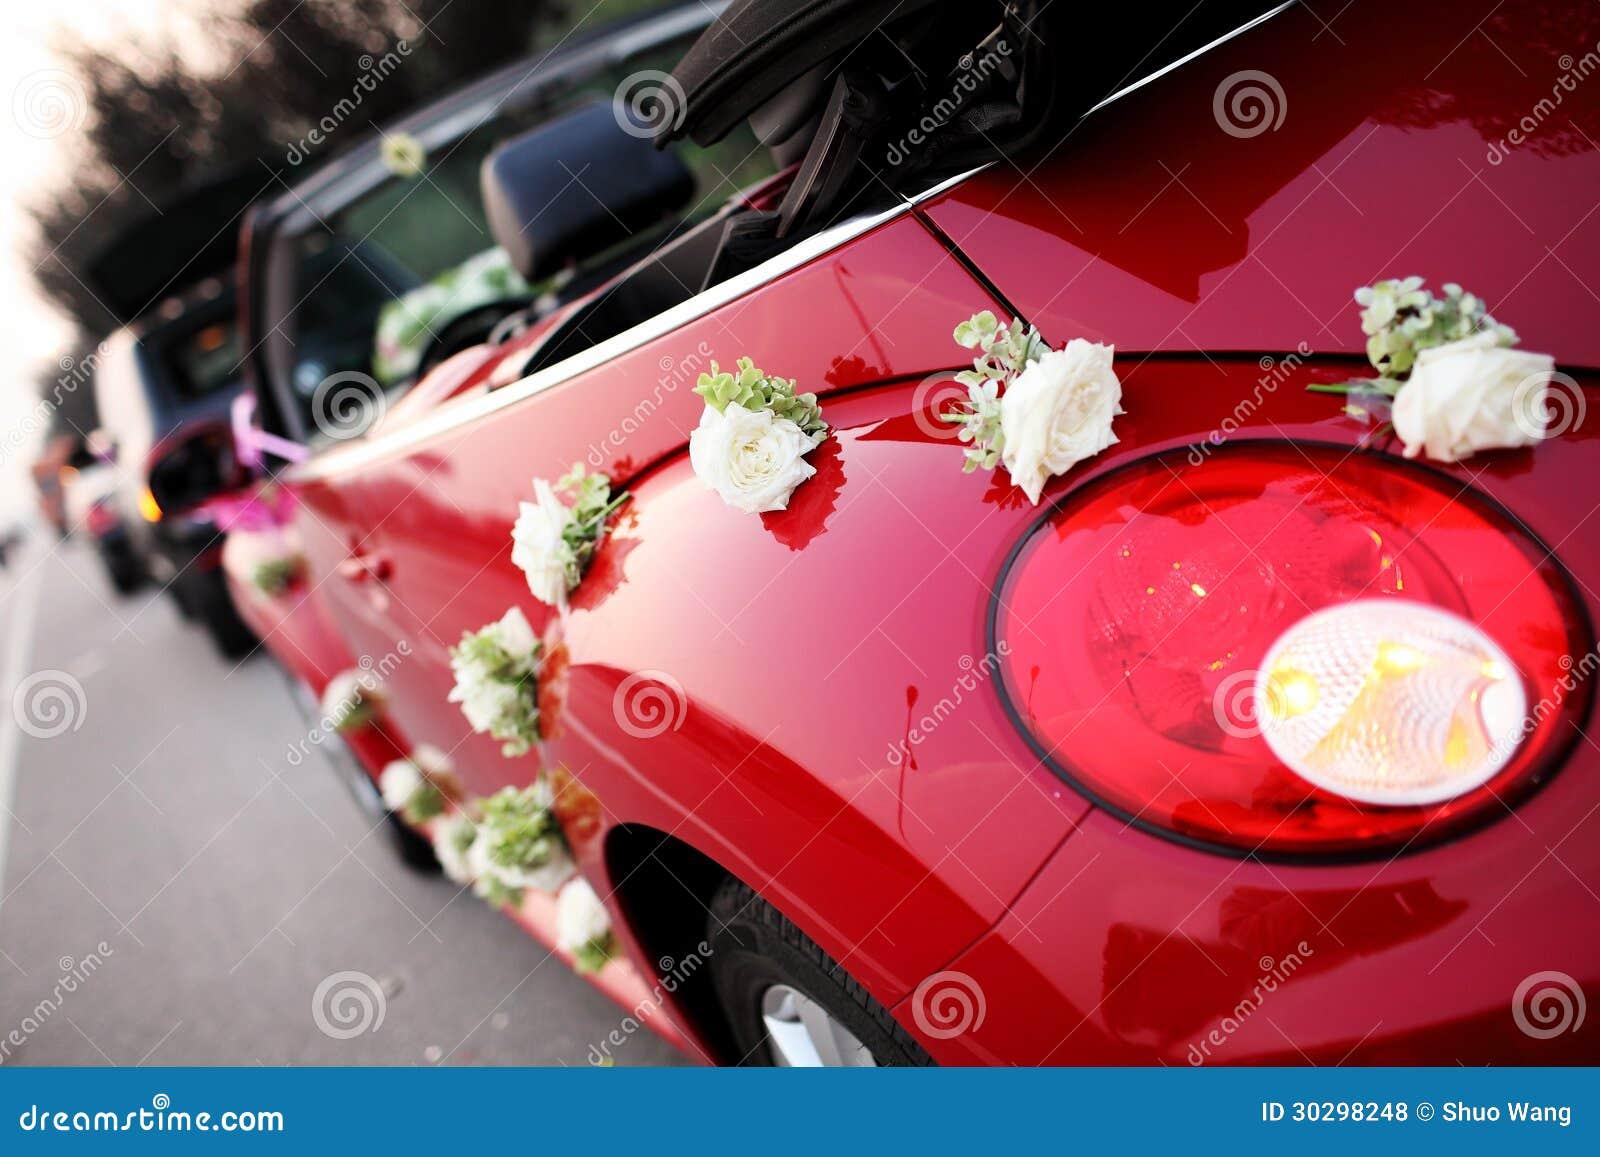 Automobile di nozze